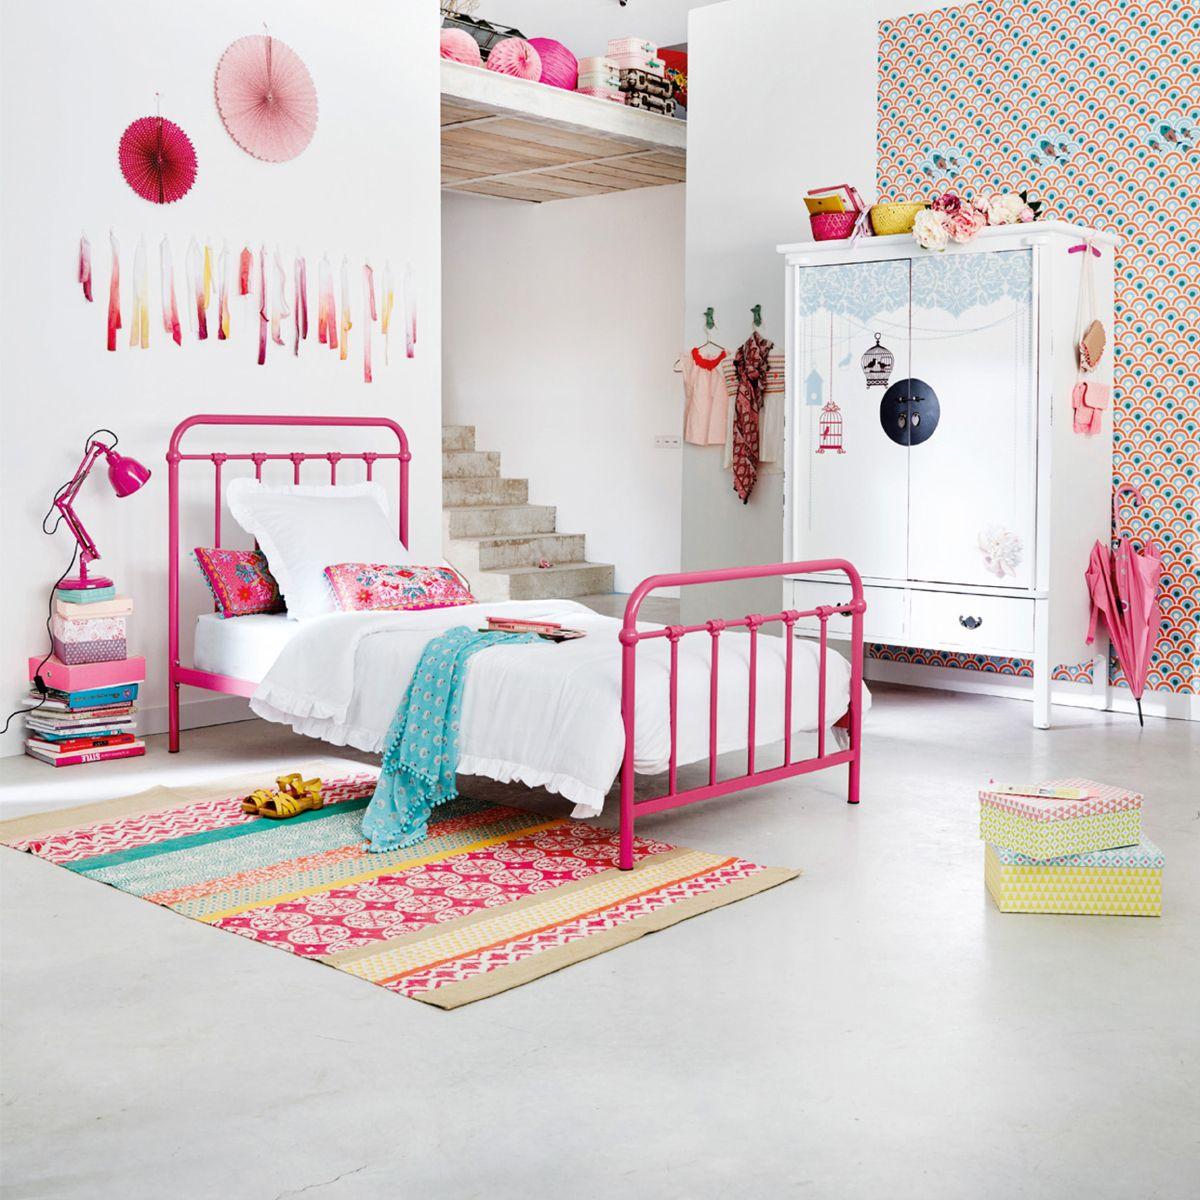 Decouvrez La Collection Junior 2016 Maisons Du Monde Dans Le Catalogue Interactif Mymdm Cotton Rug Wooden Closet Childrens Bedrooms